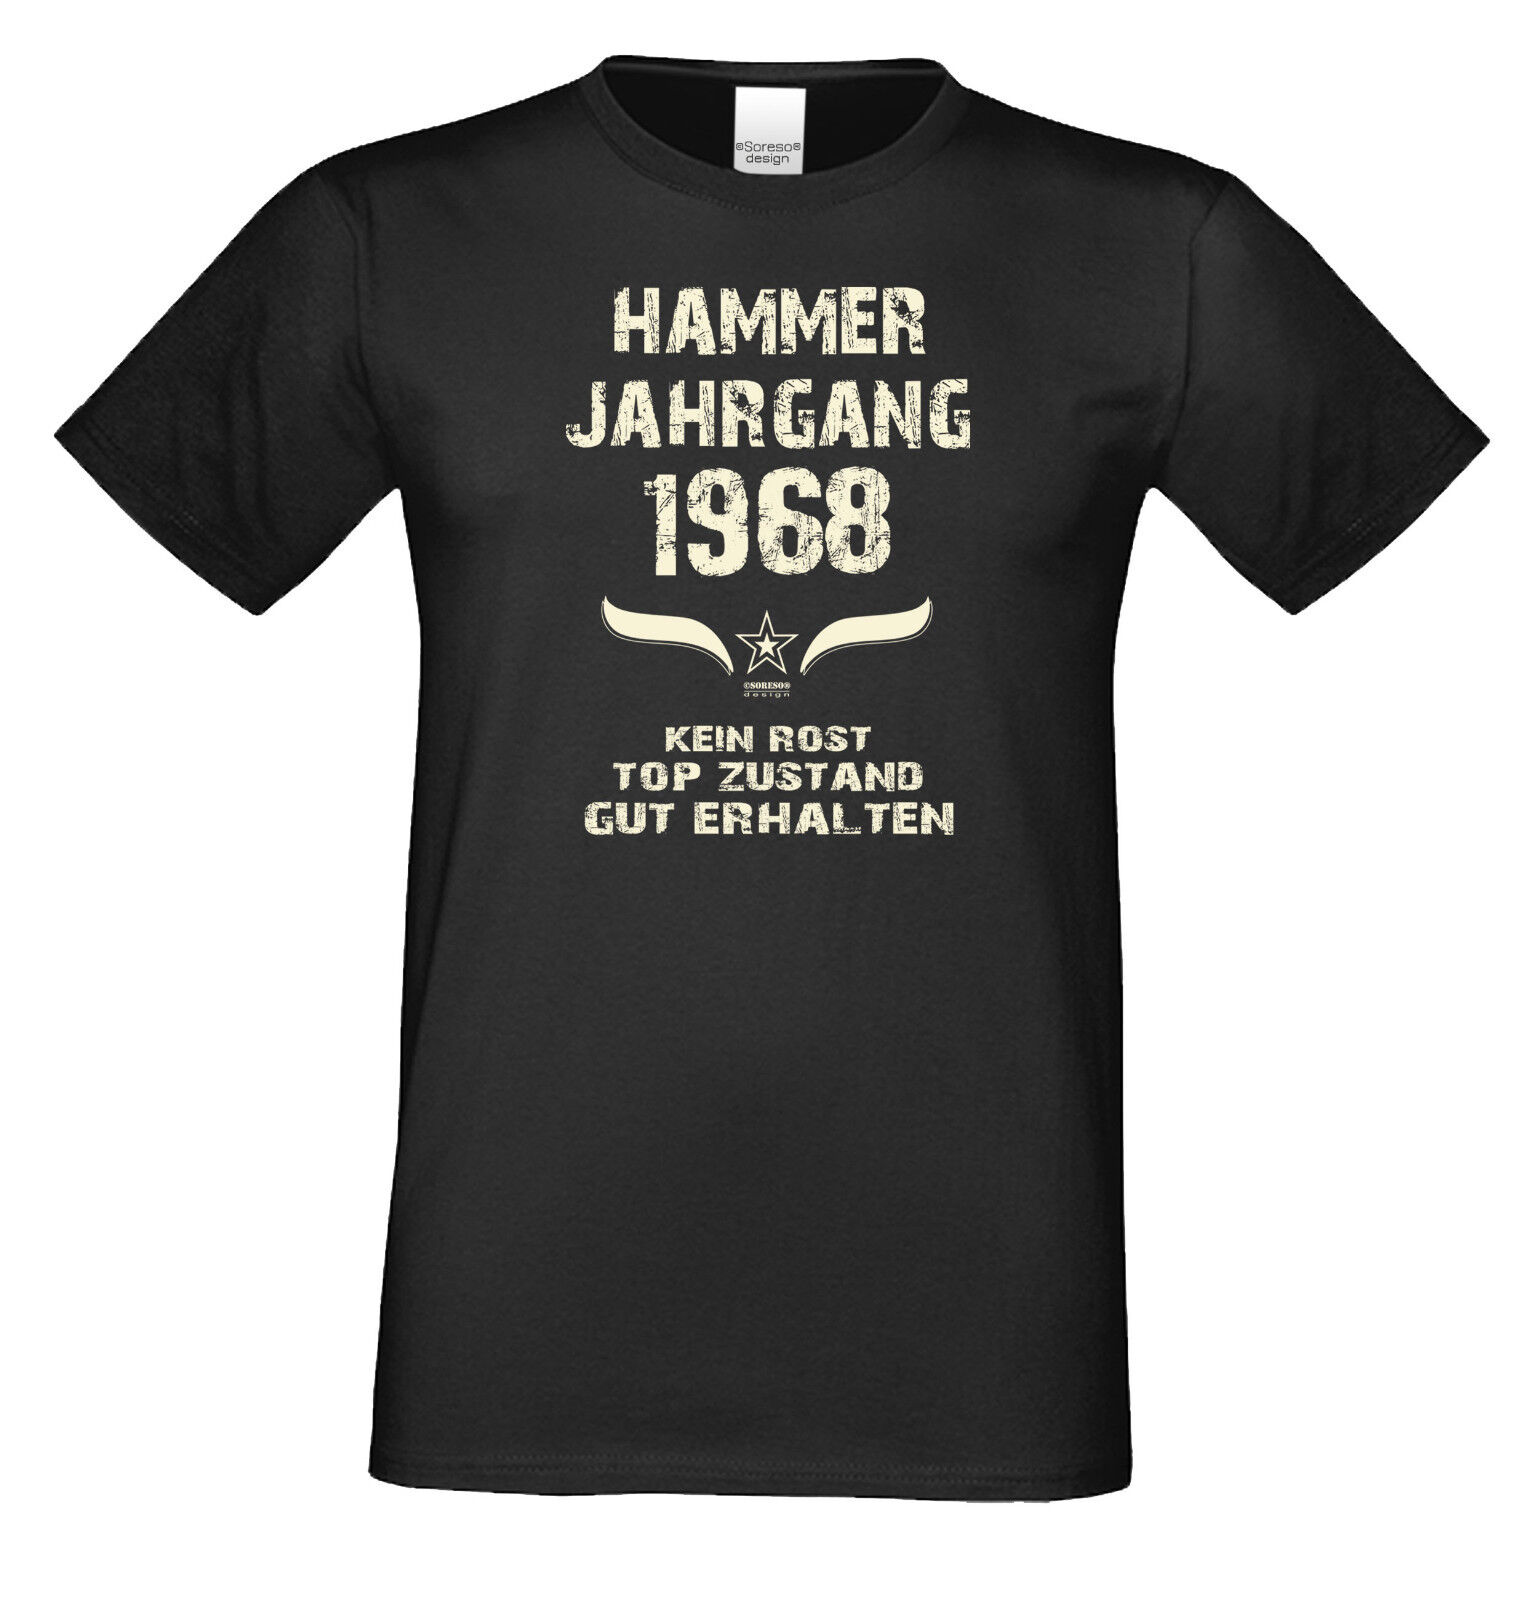 мужская футболка T Shirt Zum 50 Geburtstag Geschenk Frau Mann 1968 T Shirts Lustige Fun Sprüche